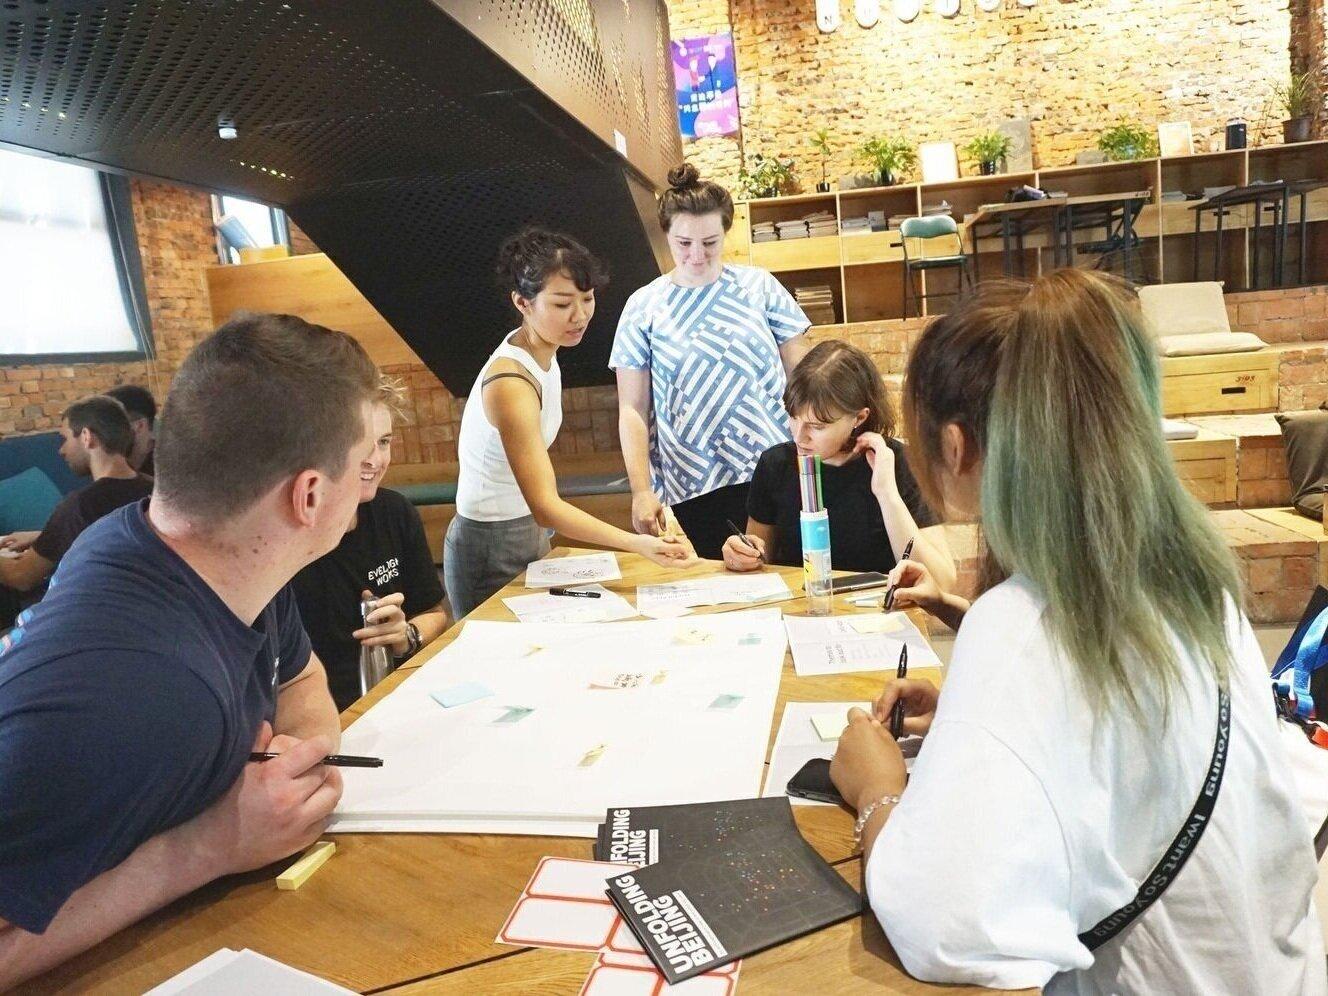 蒙纳士大学北京思辨设计工作坊   如何让澳洲设计学生通过体验北京人的生活,来激发他们对本国社区的新想象?  #社区创新